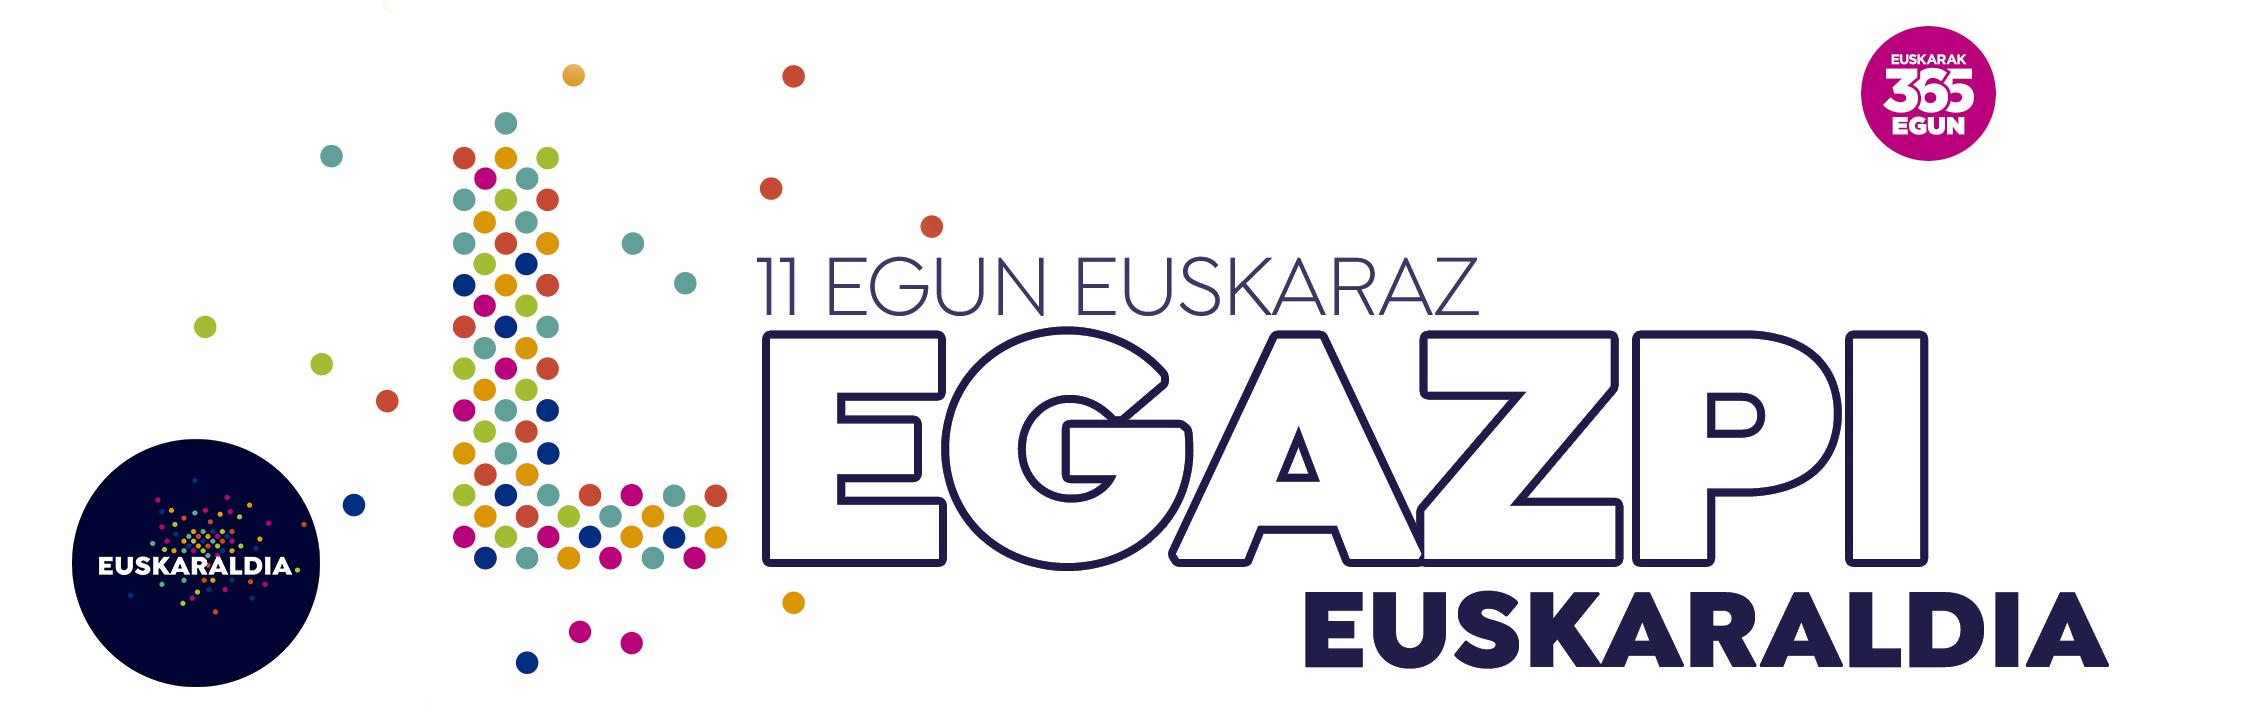 Euskaraldia Legazpin